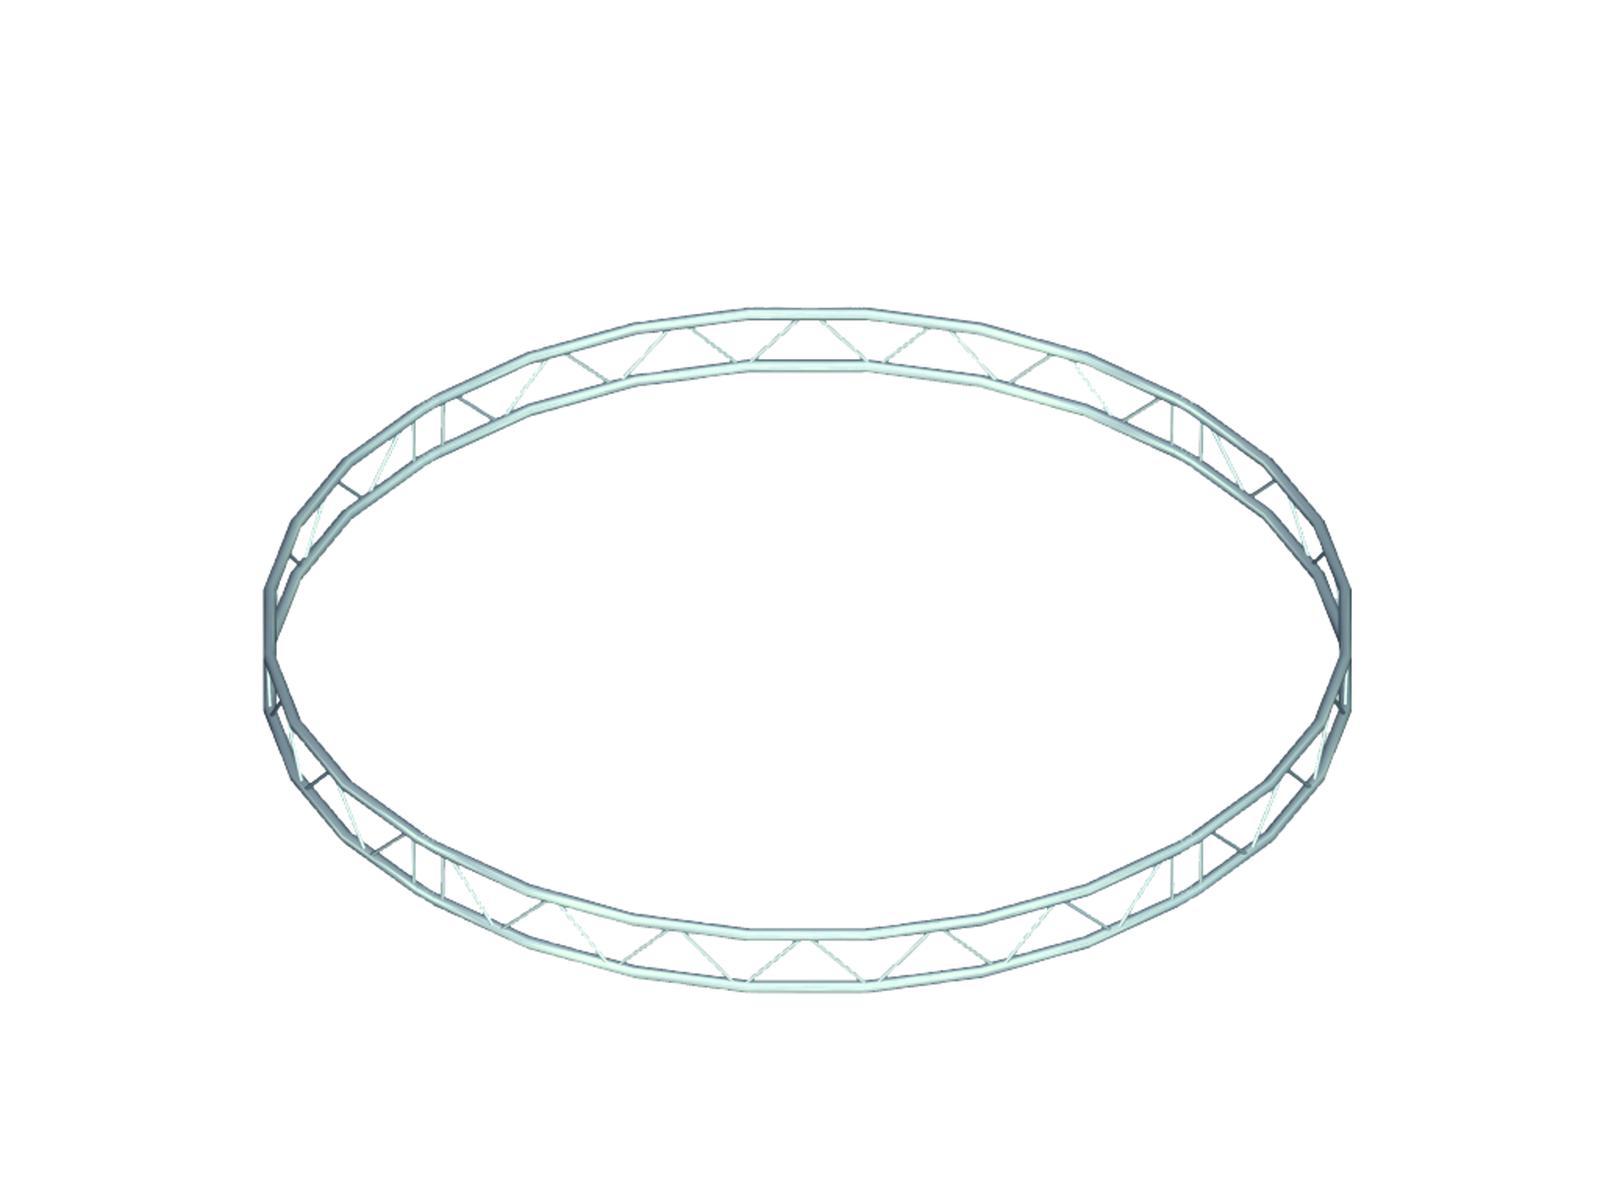 Bilock kruh, d=1,5m (vnitřní strana), vertikální